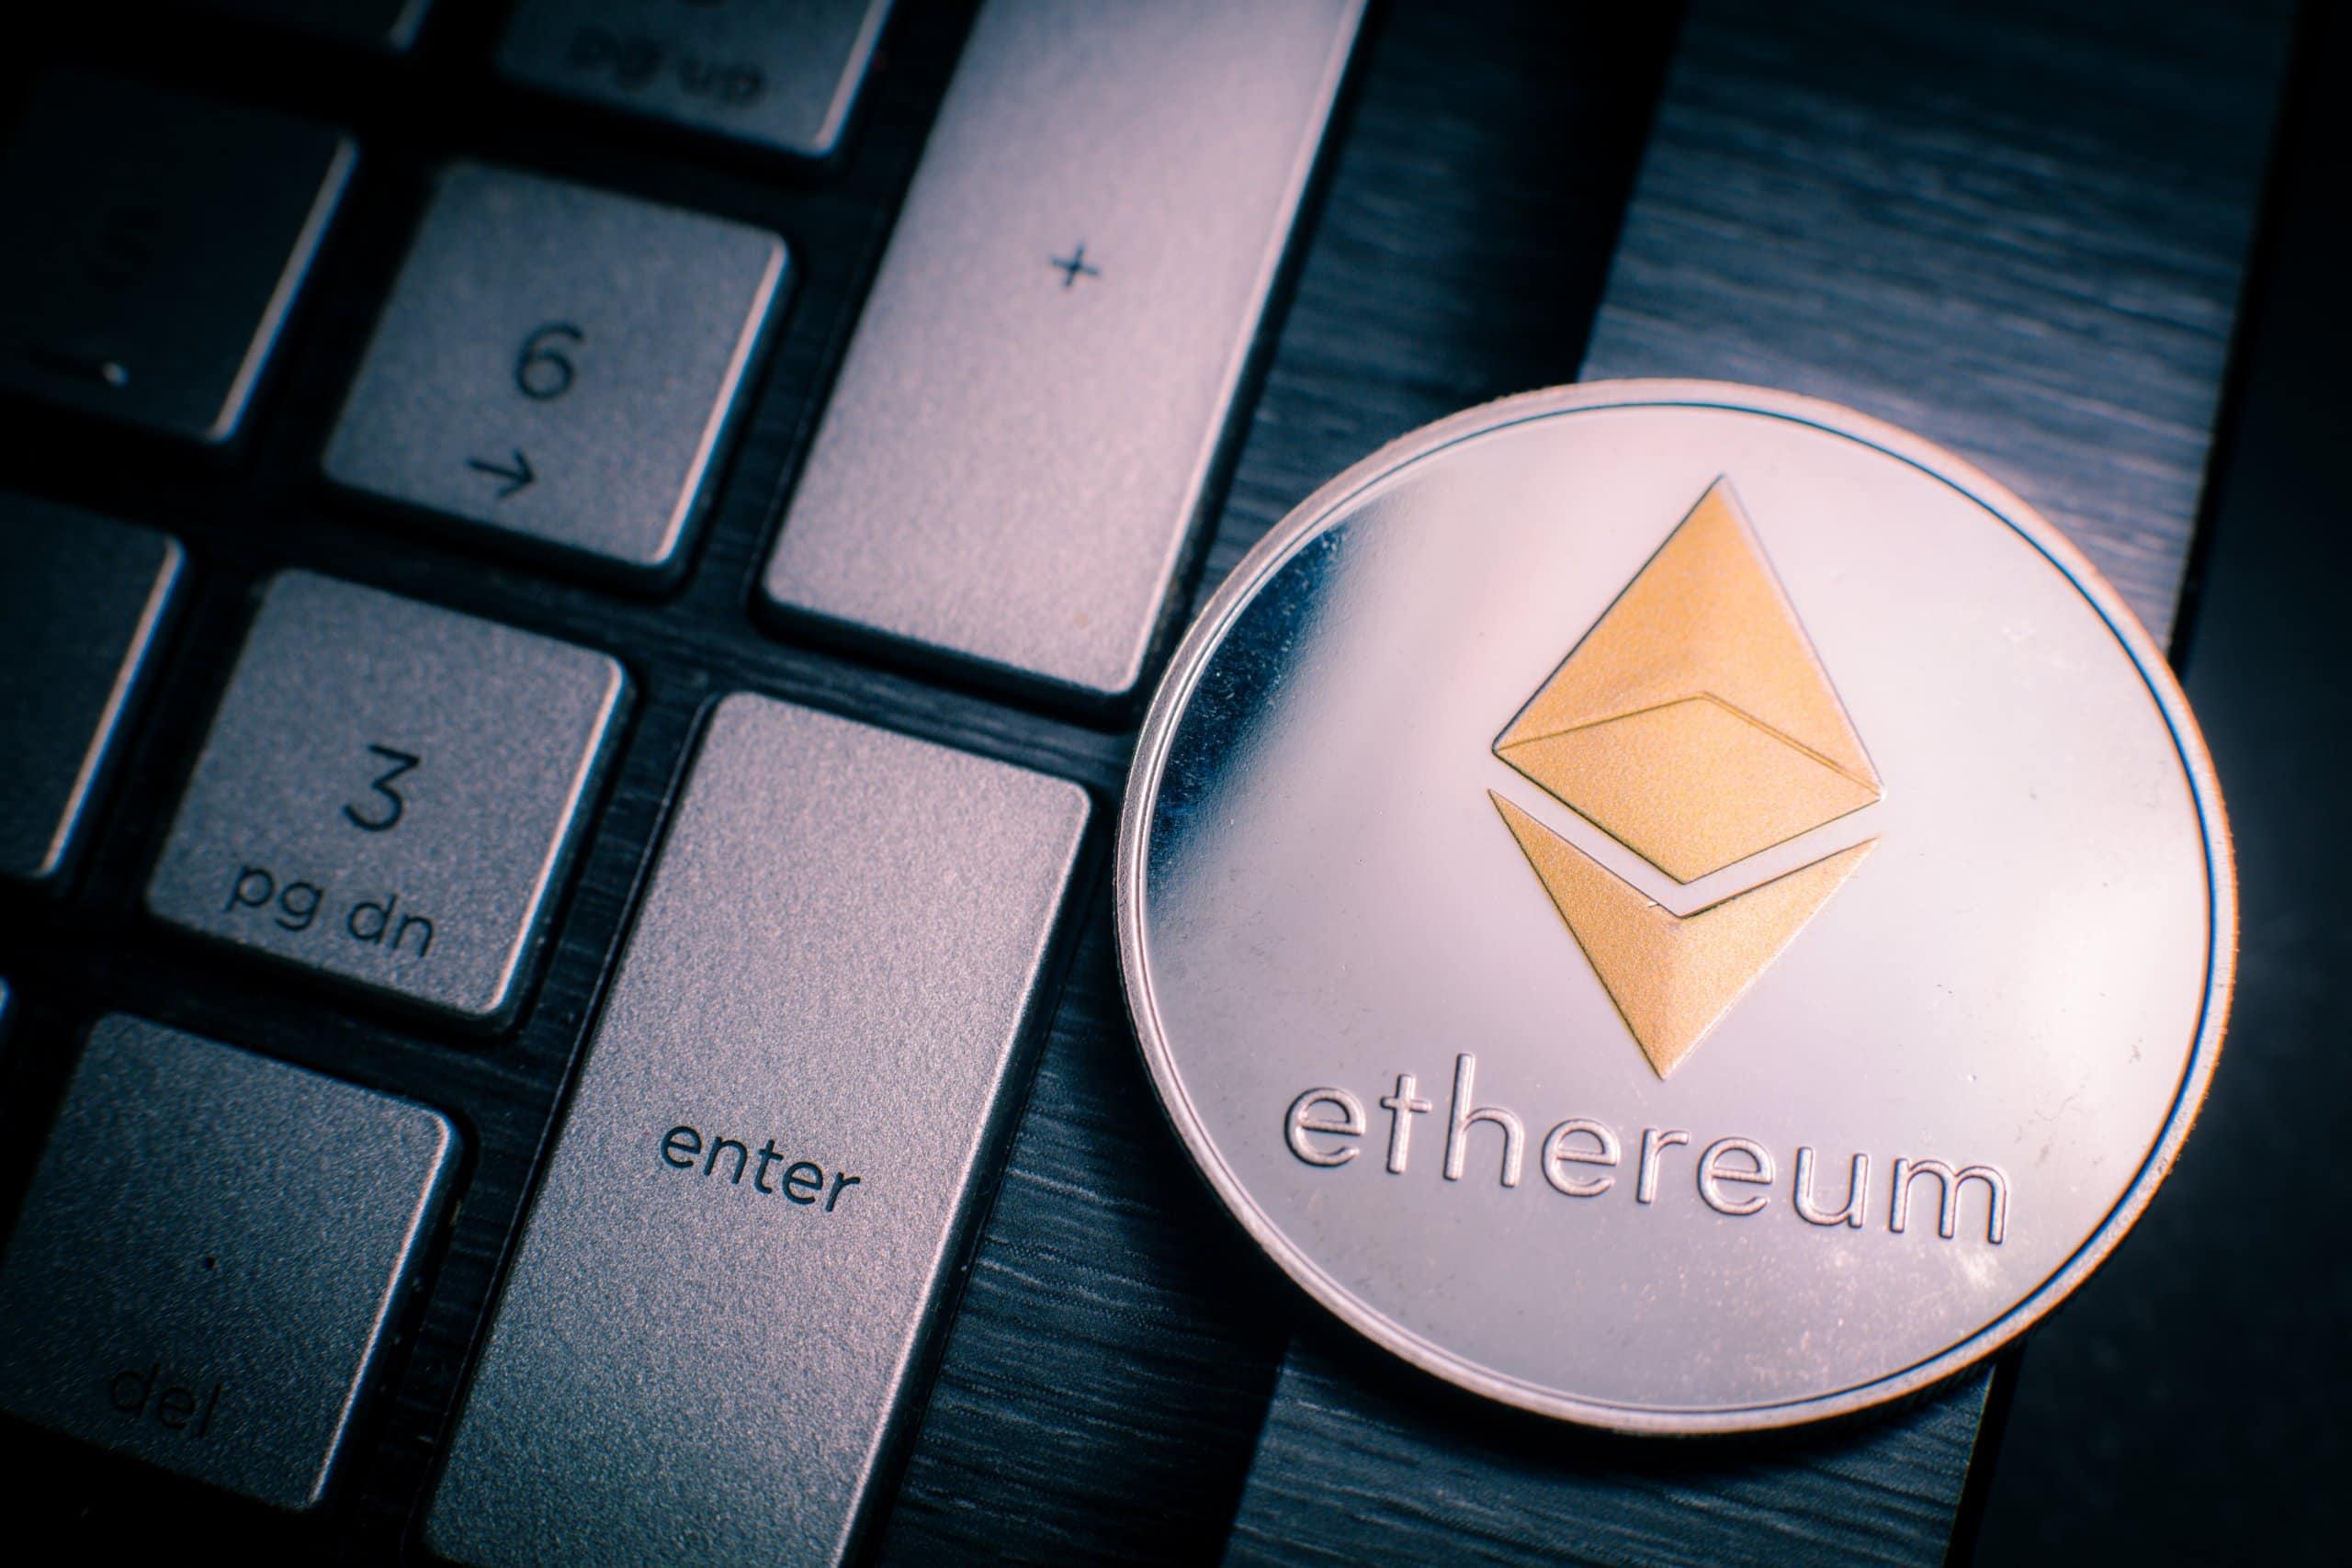 Eine physische Ethereum-Münze neben einer Tastatur.